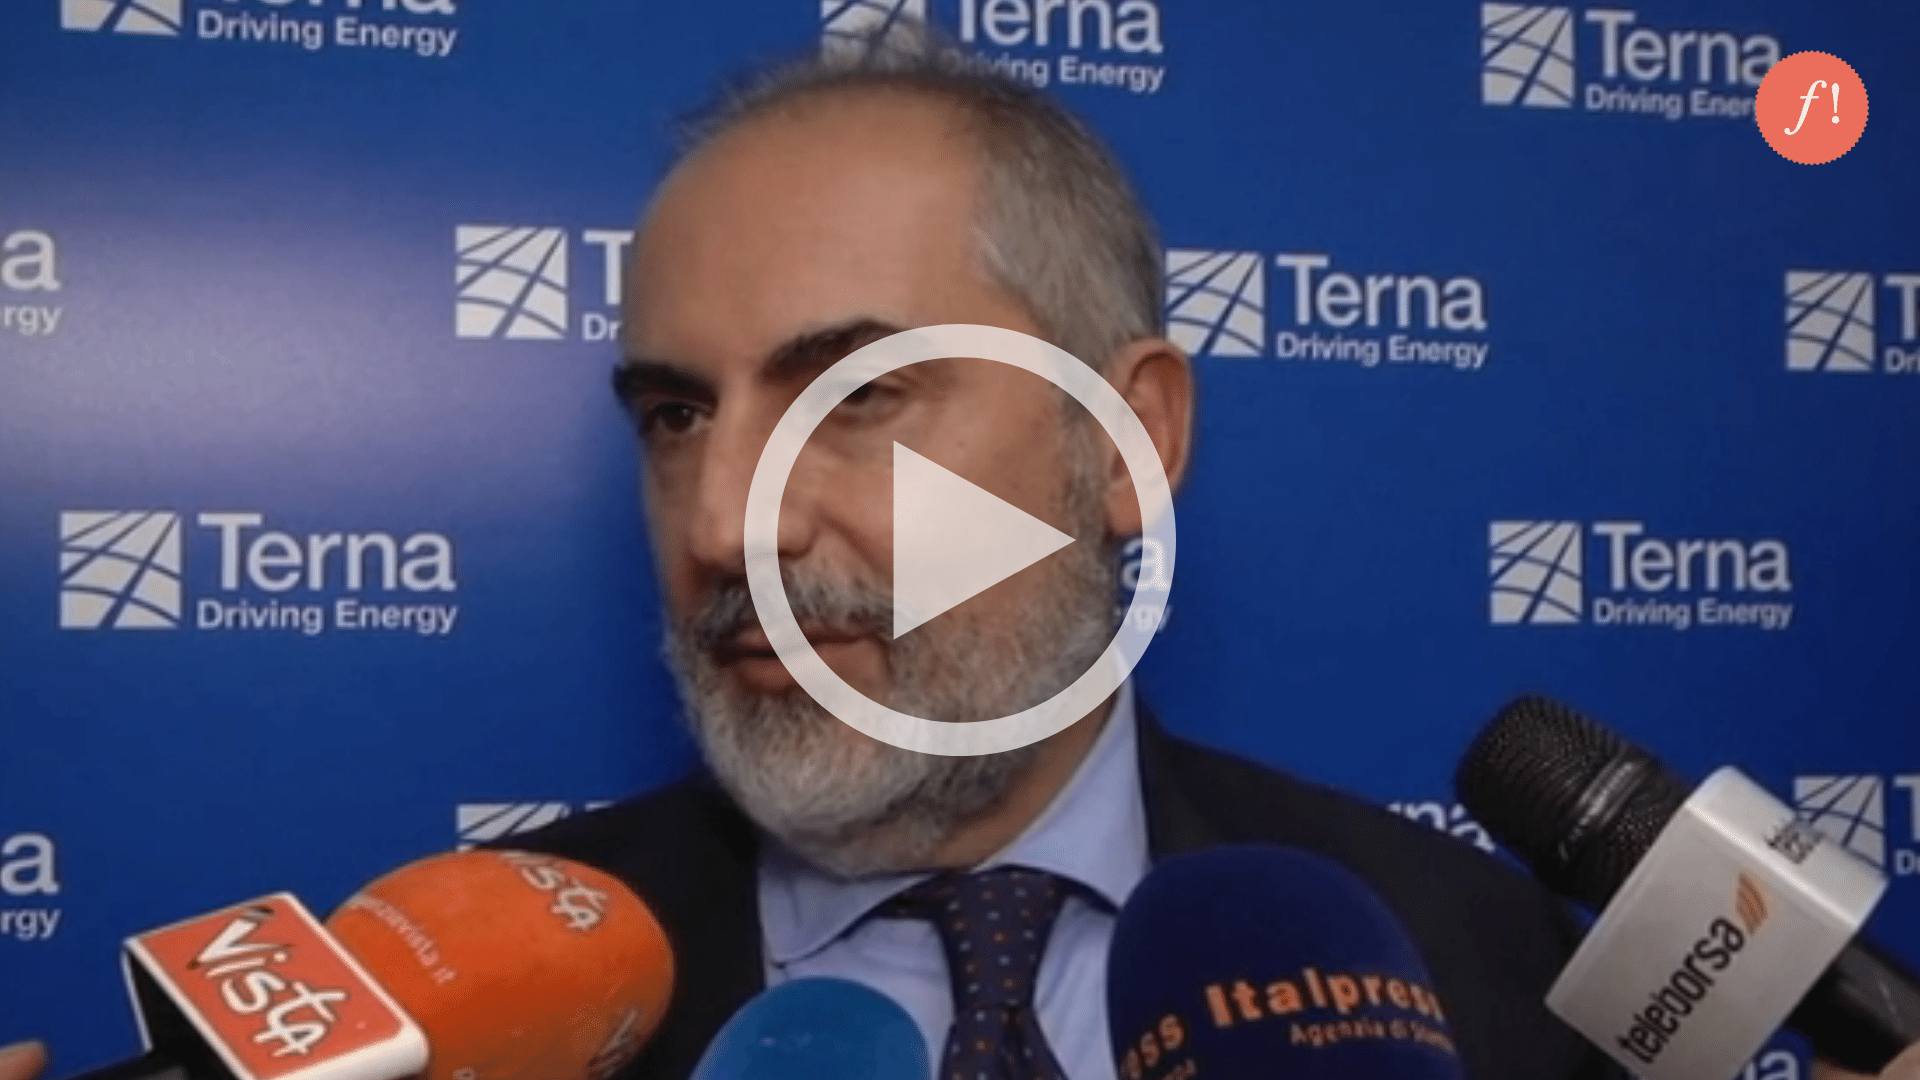 Terna, Donnarumma: le grandi aziende per transizione ecologica. Il video